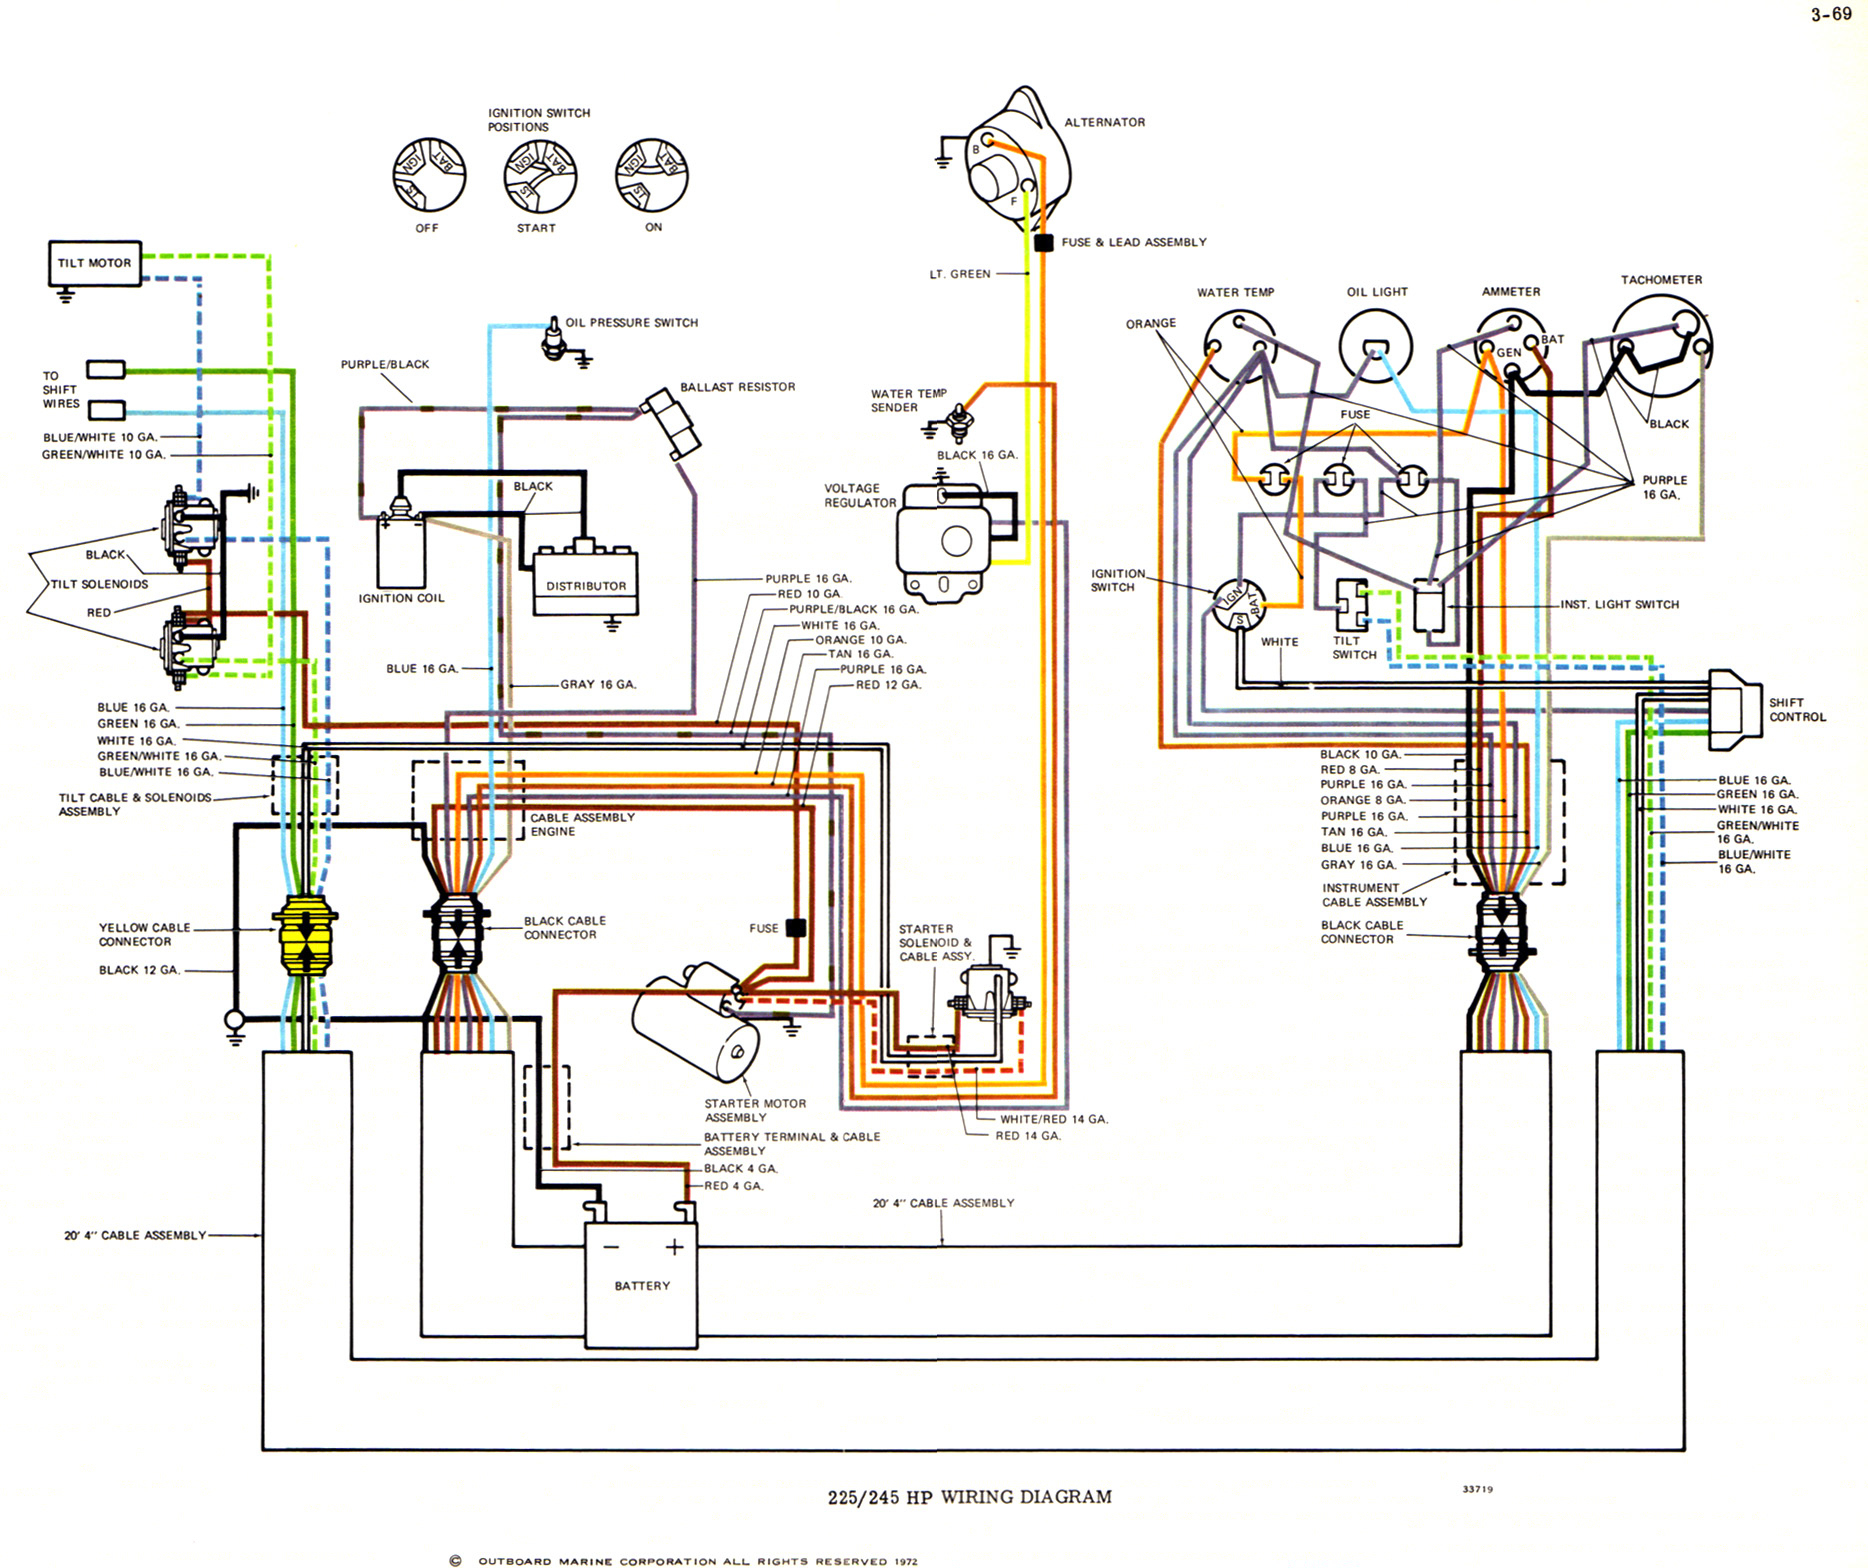 Suzuki Boat Wiring Harness Diagram   Wiring Diagram - Evinrude Wiring Harness Diagram